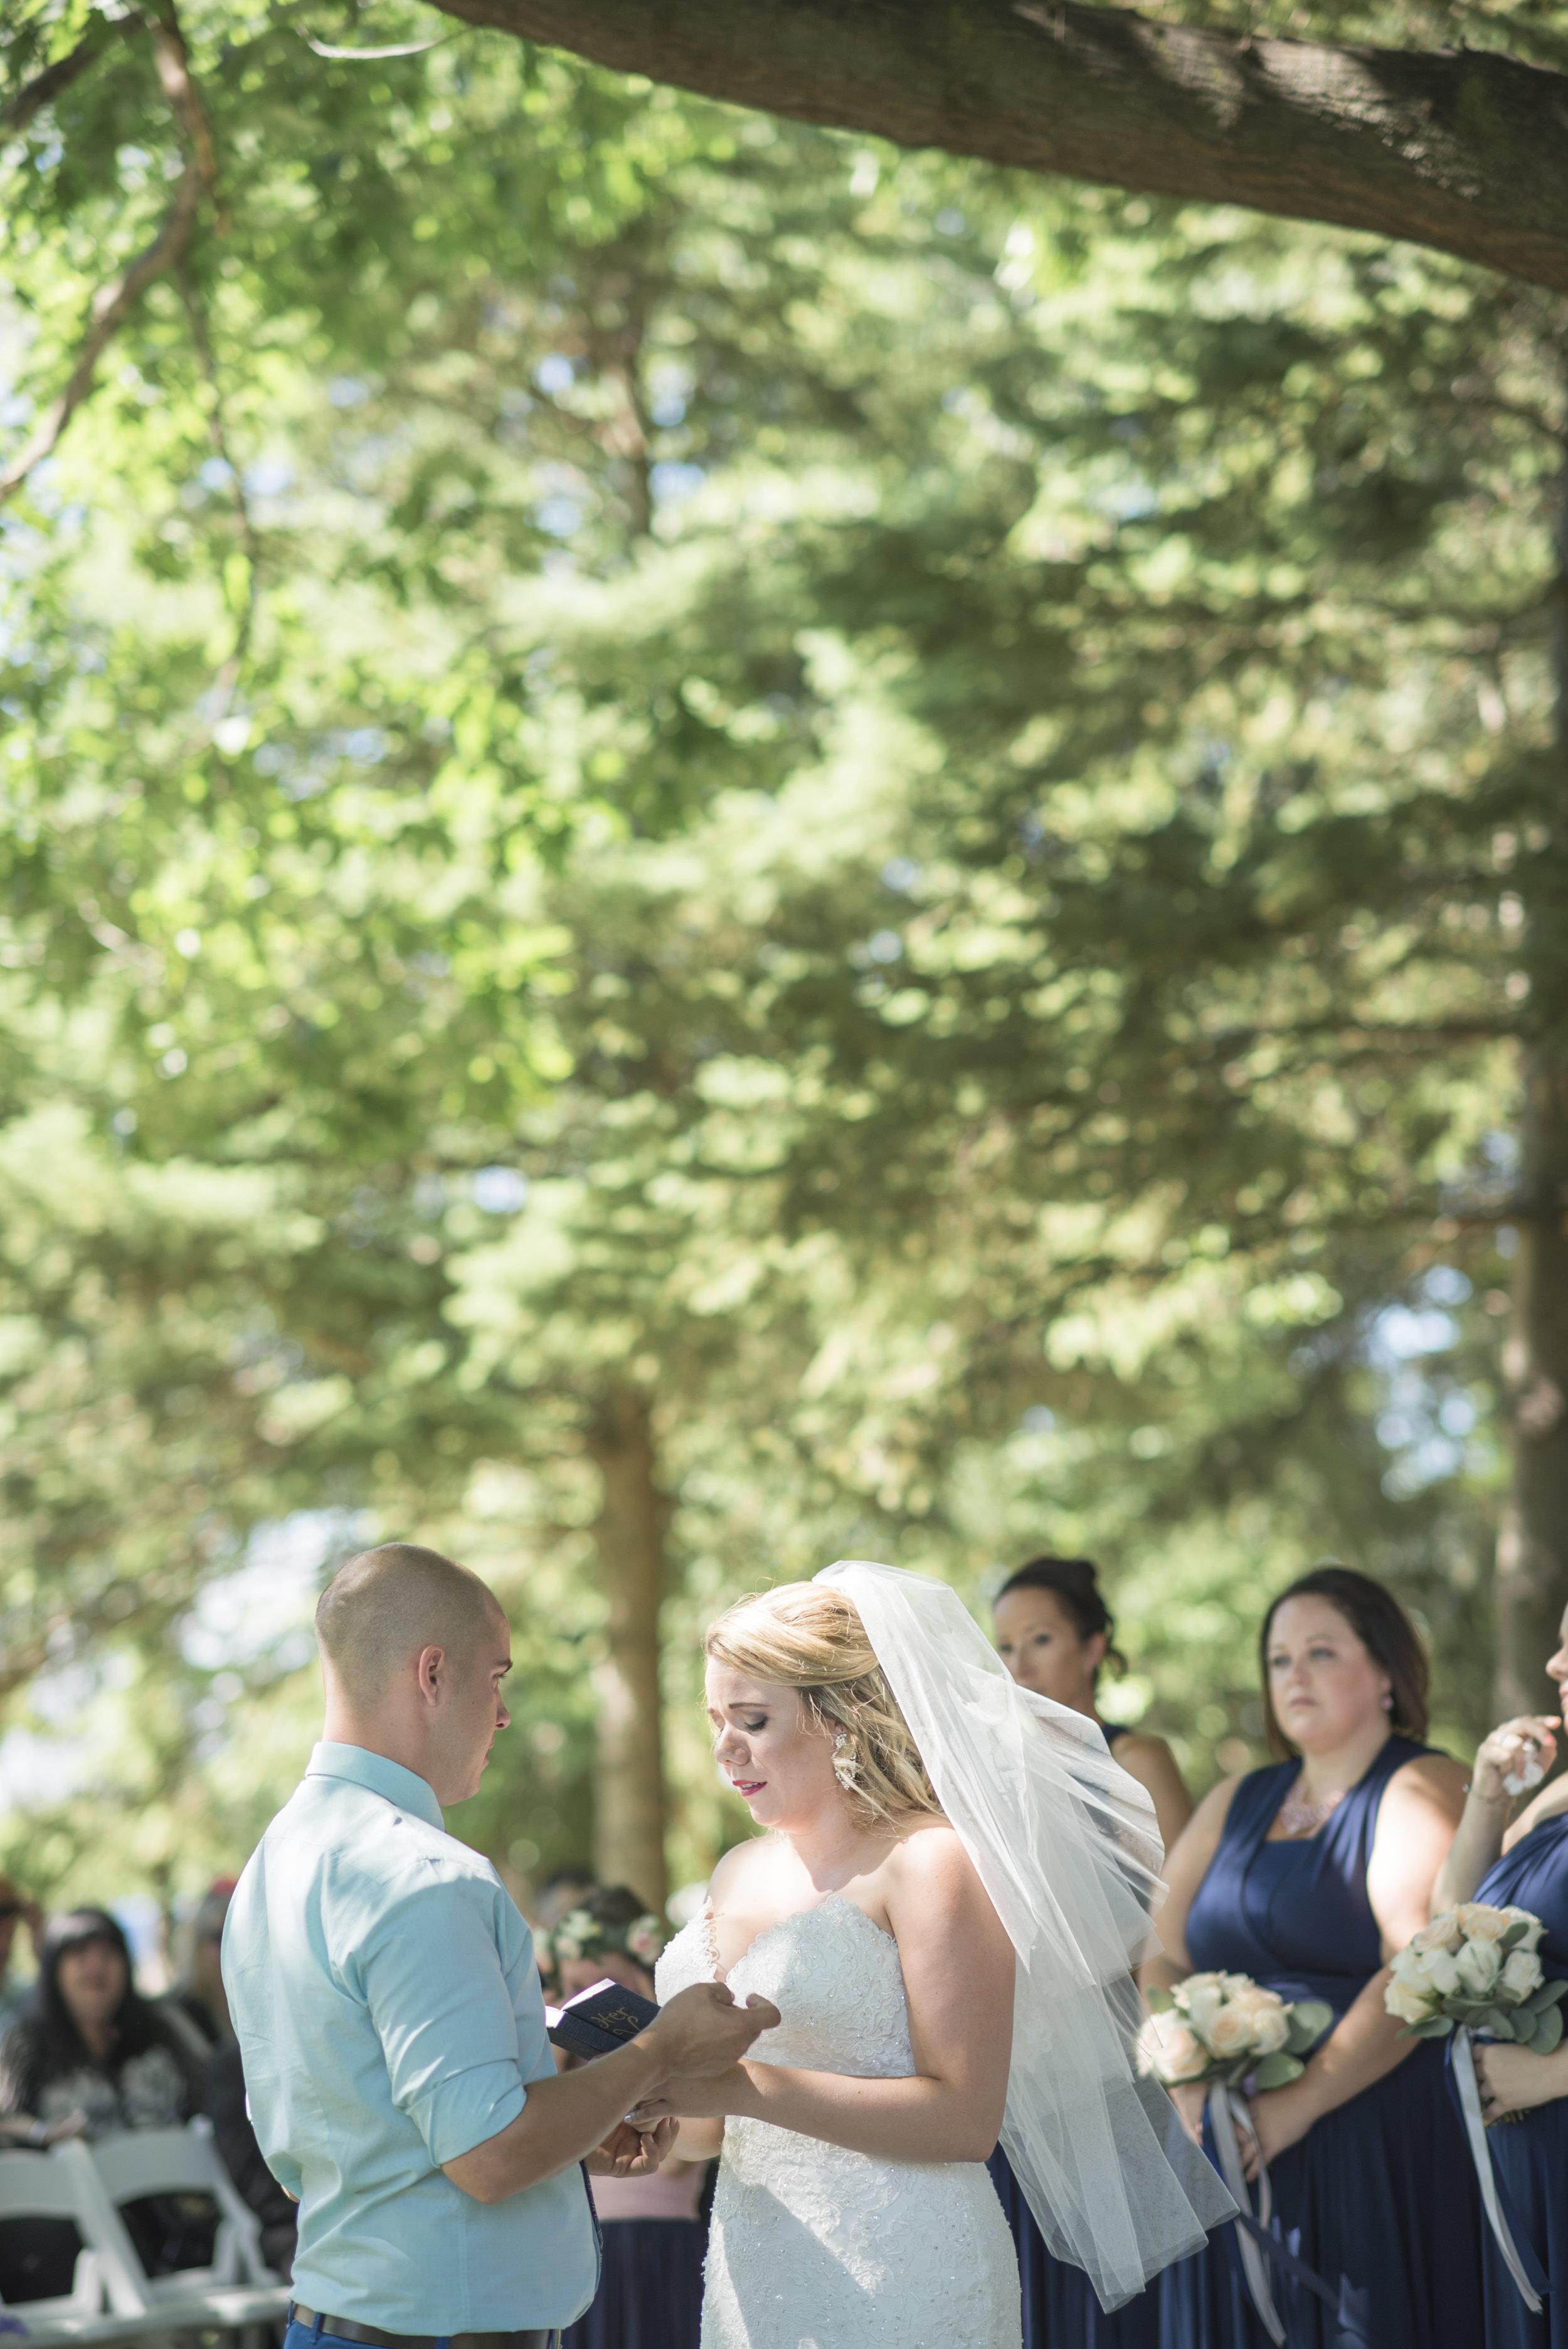 SN_weddingteasers-66.jpg